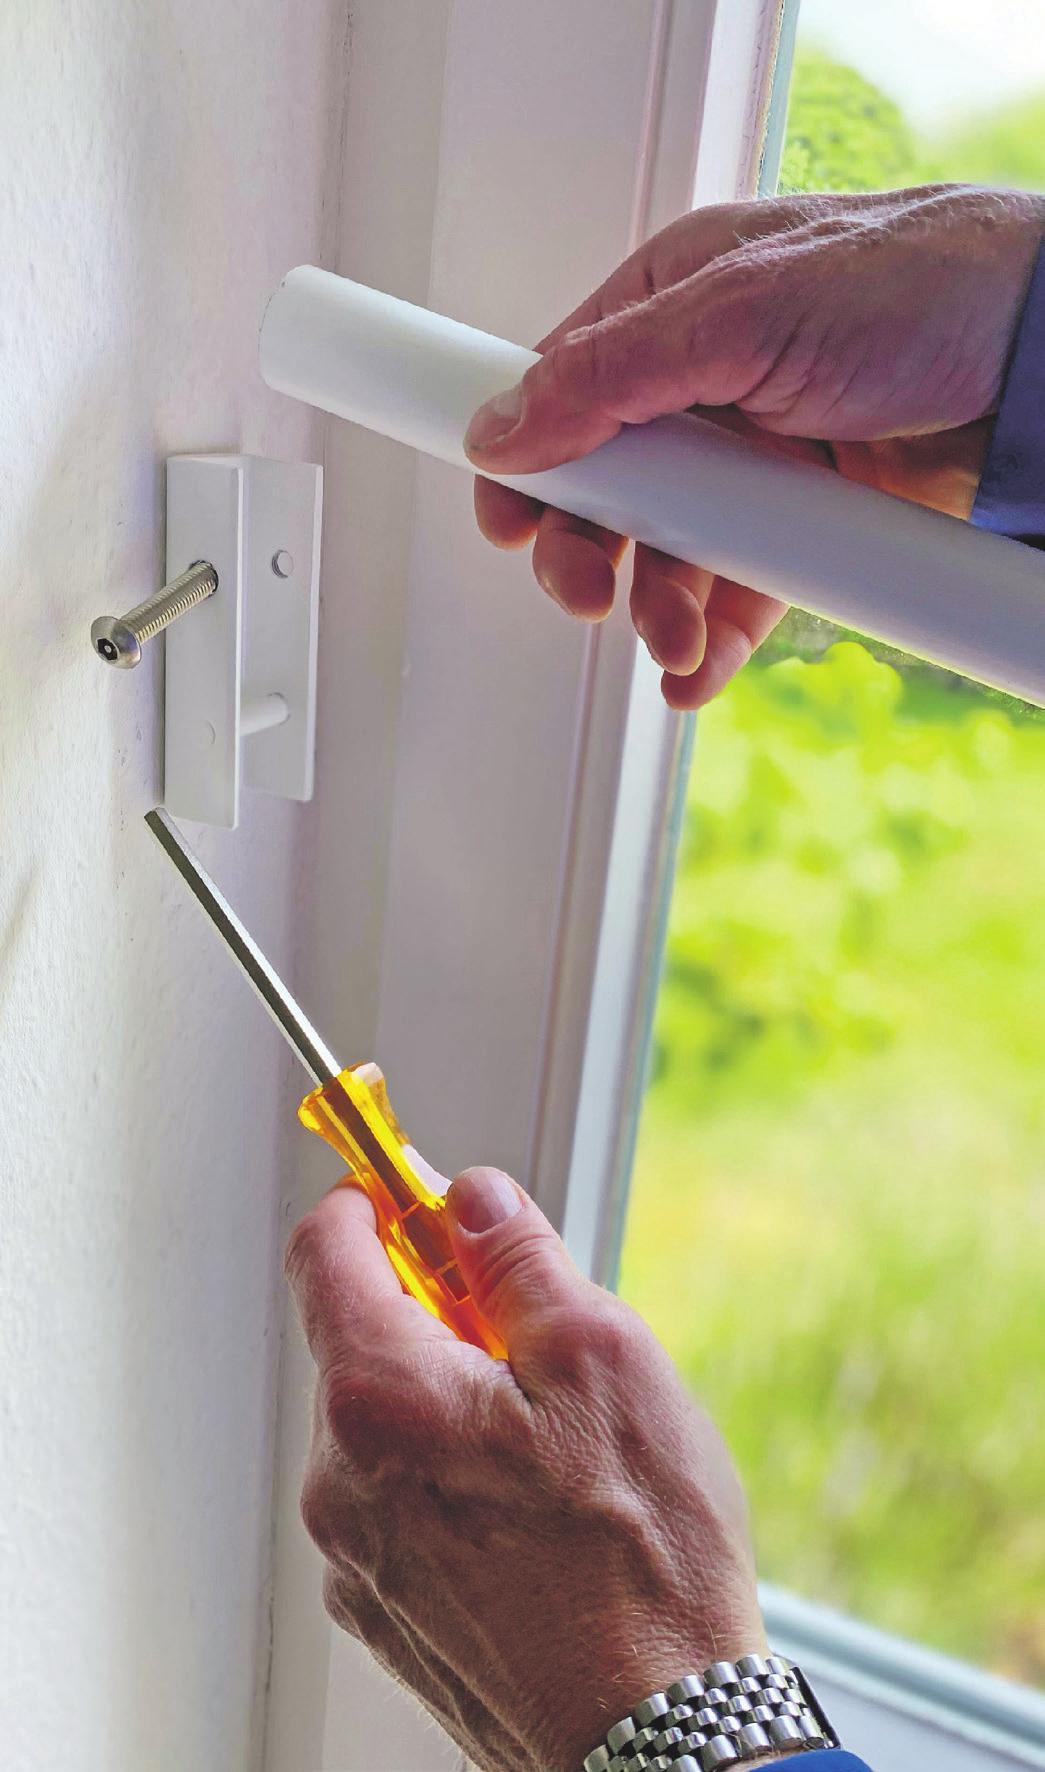 Mauerkralle und Co. schützen das Zuhause Image 3